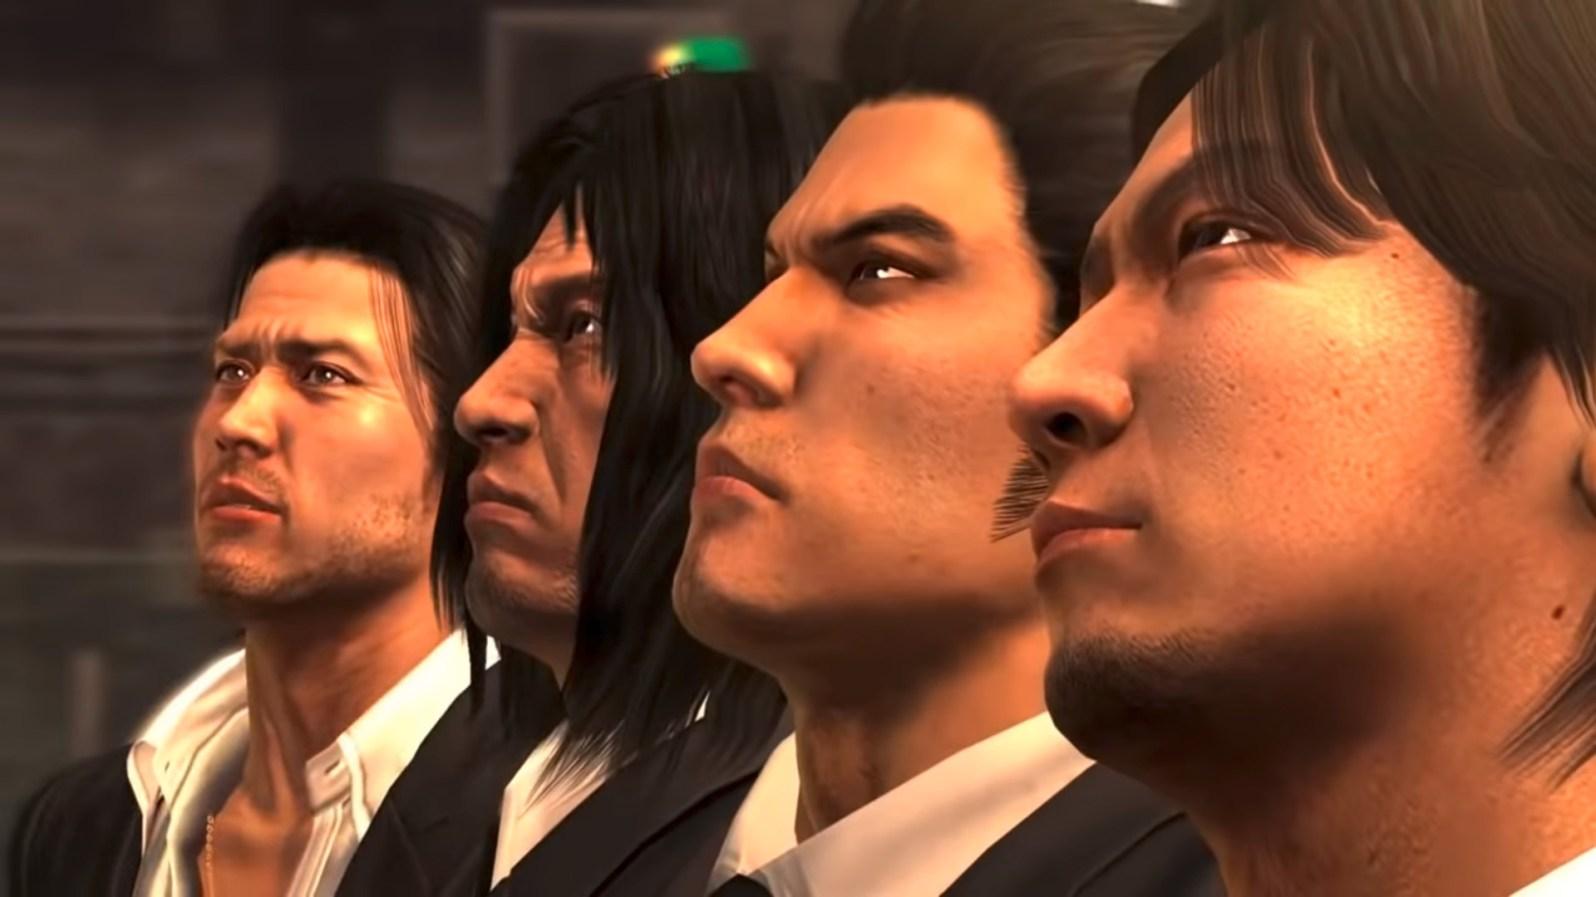 Quelle: Youtube/Sega - Yakuza 4 (Remaster)